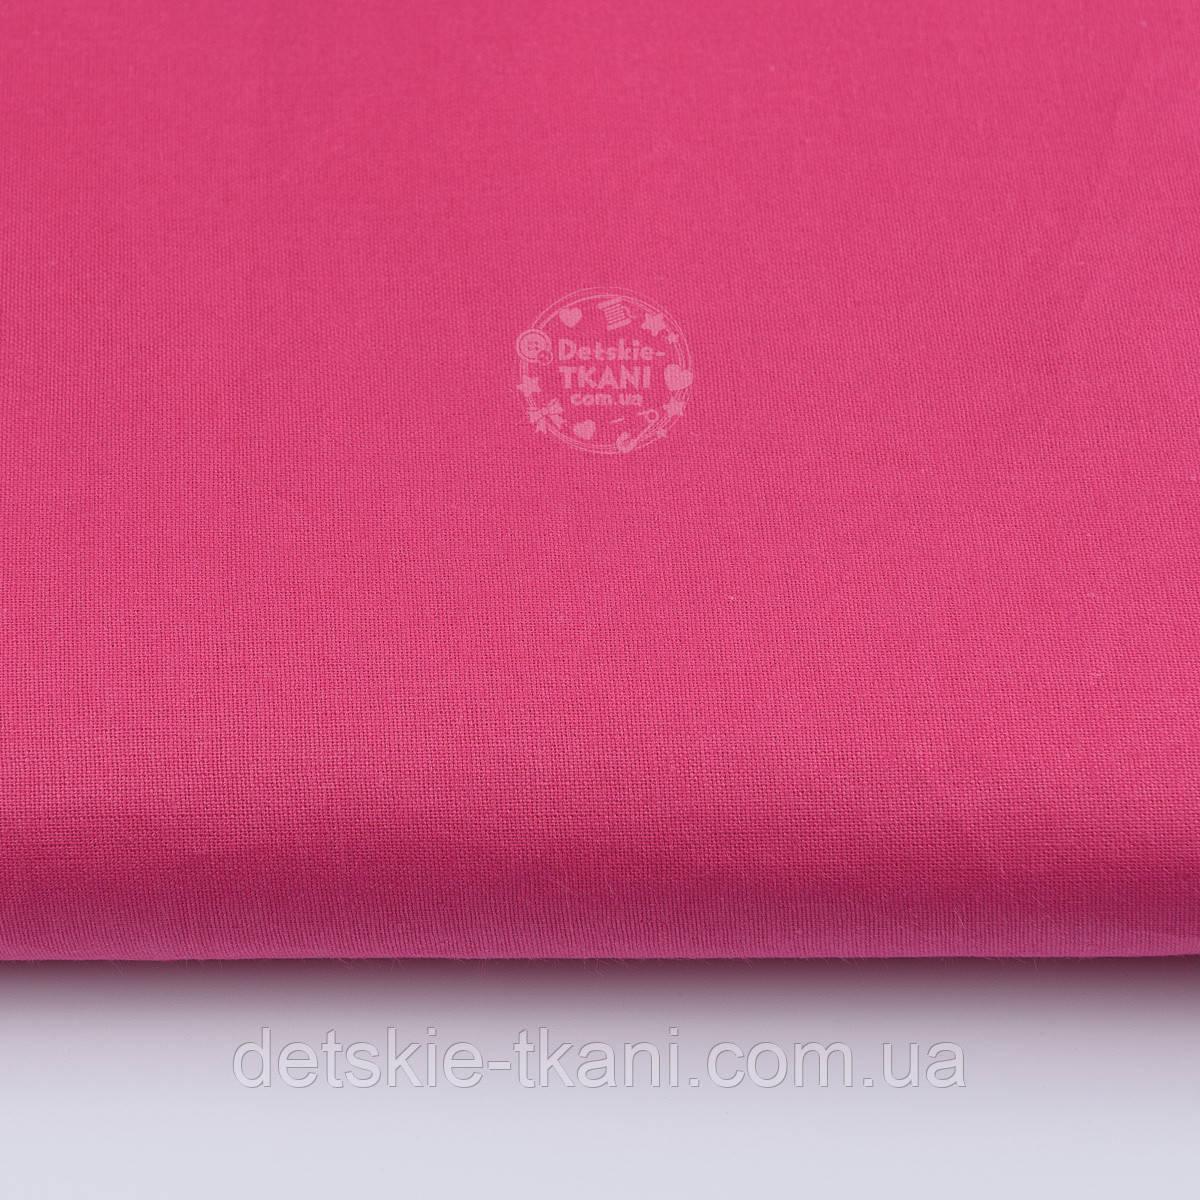 Бязь однотонная малинового цвета, плотность 125 г/м2 (№ 143а).